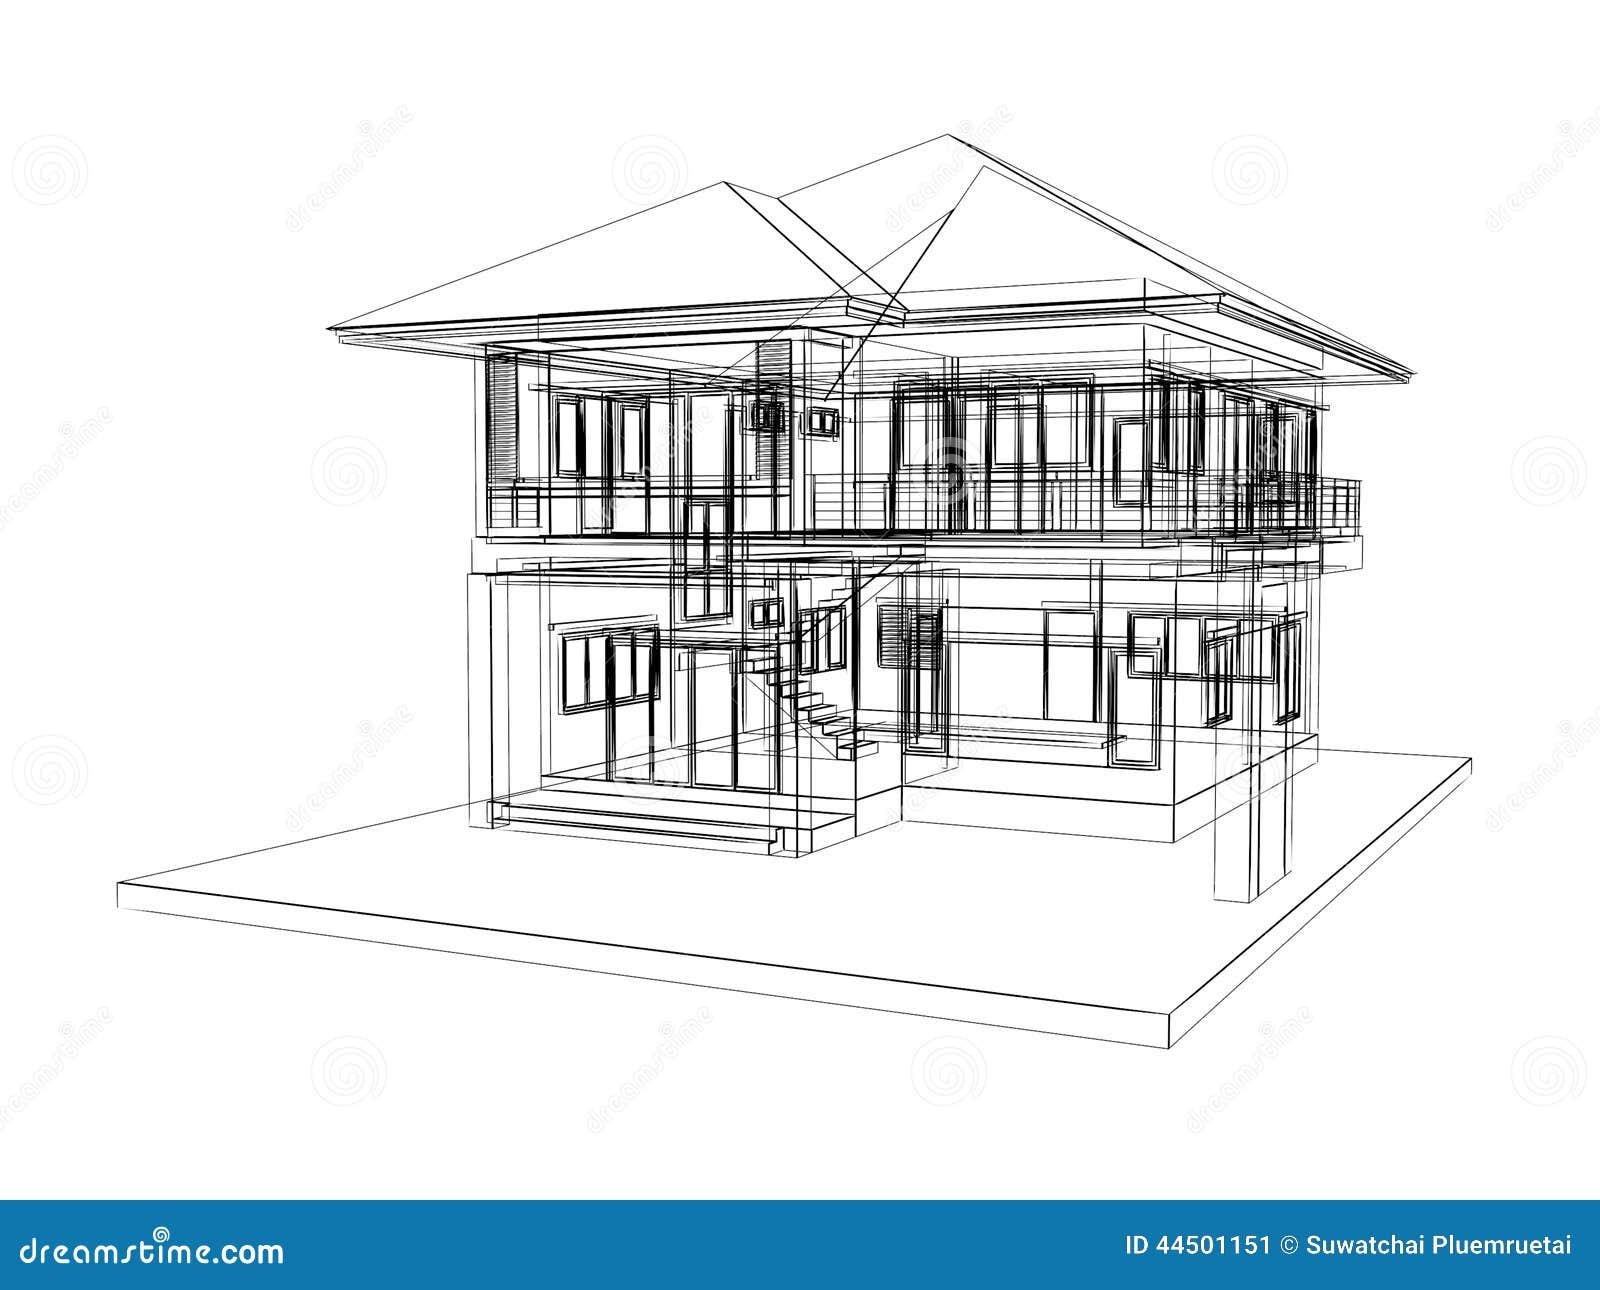 Sketch design of house stock illustration. Illustration of room ...